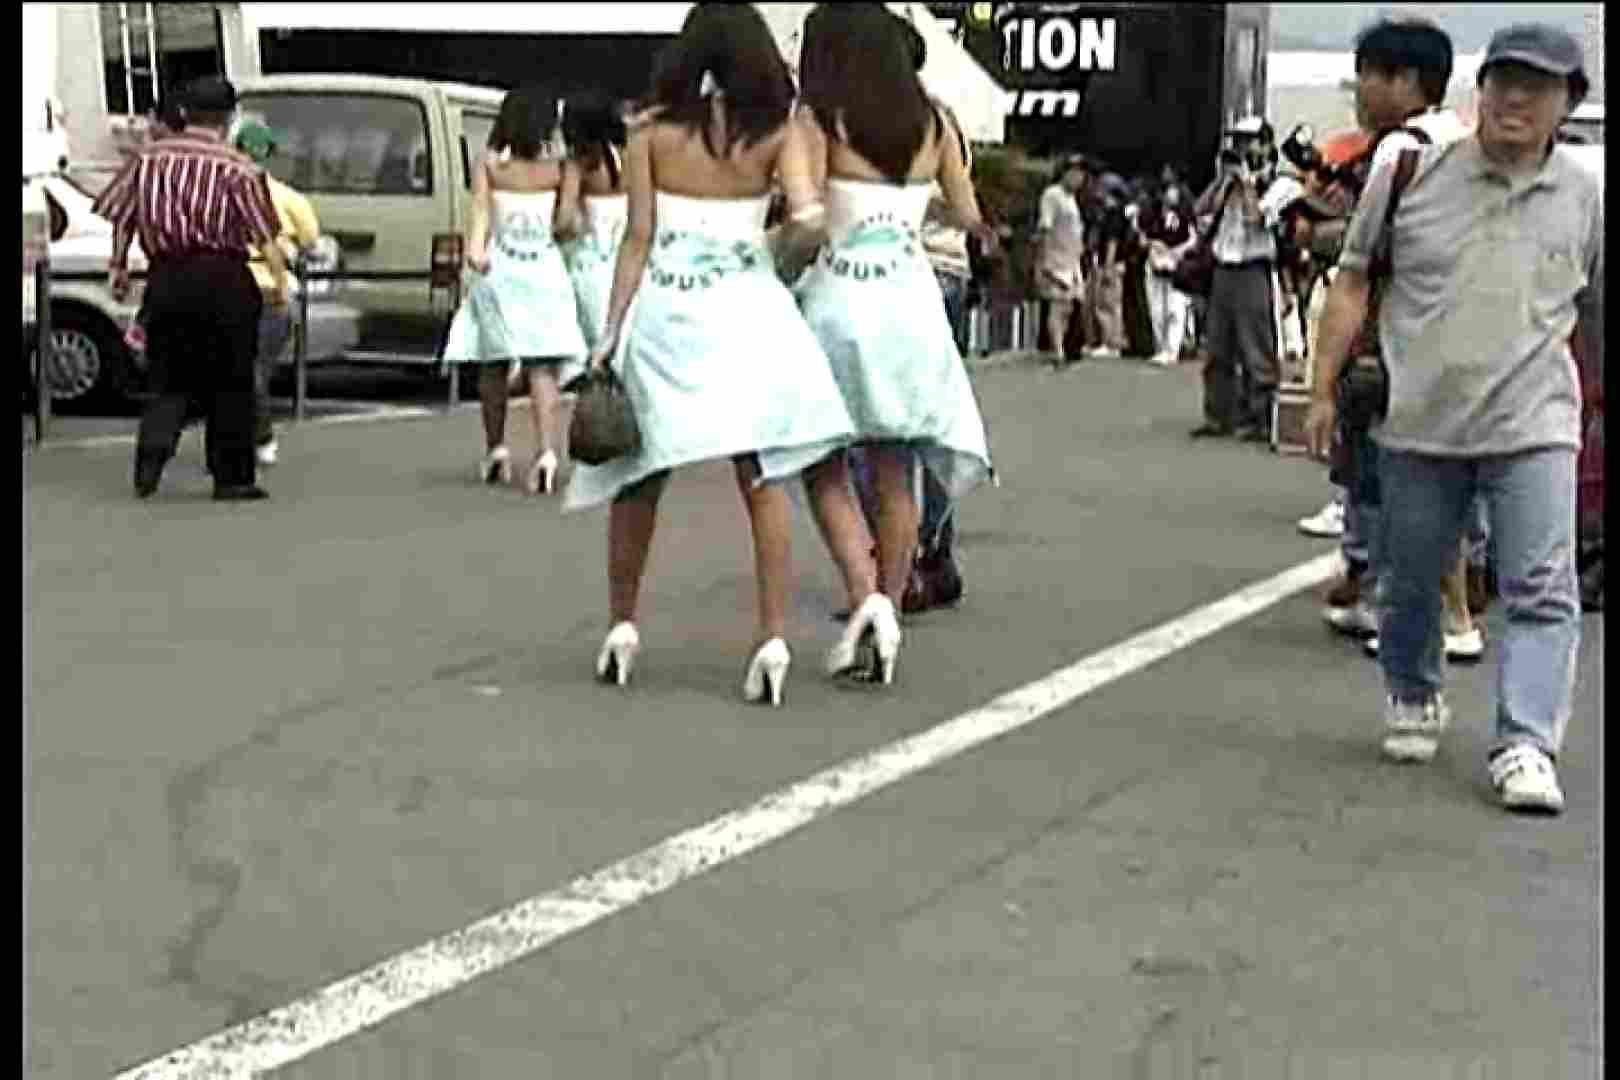 RQカメラ地獄Vol.9 現役ギャル エロ画像 96pic 38